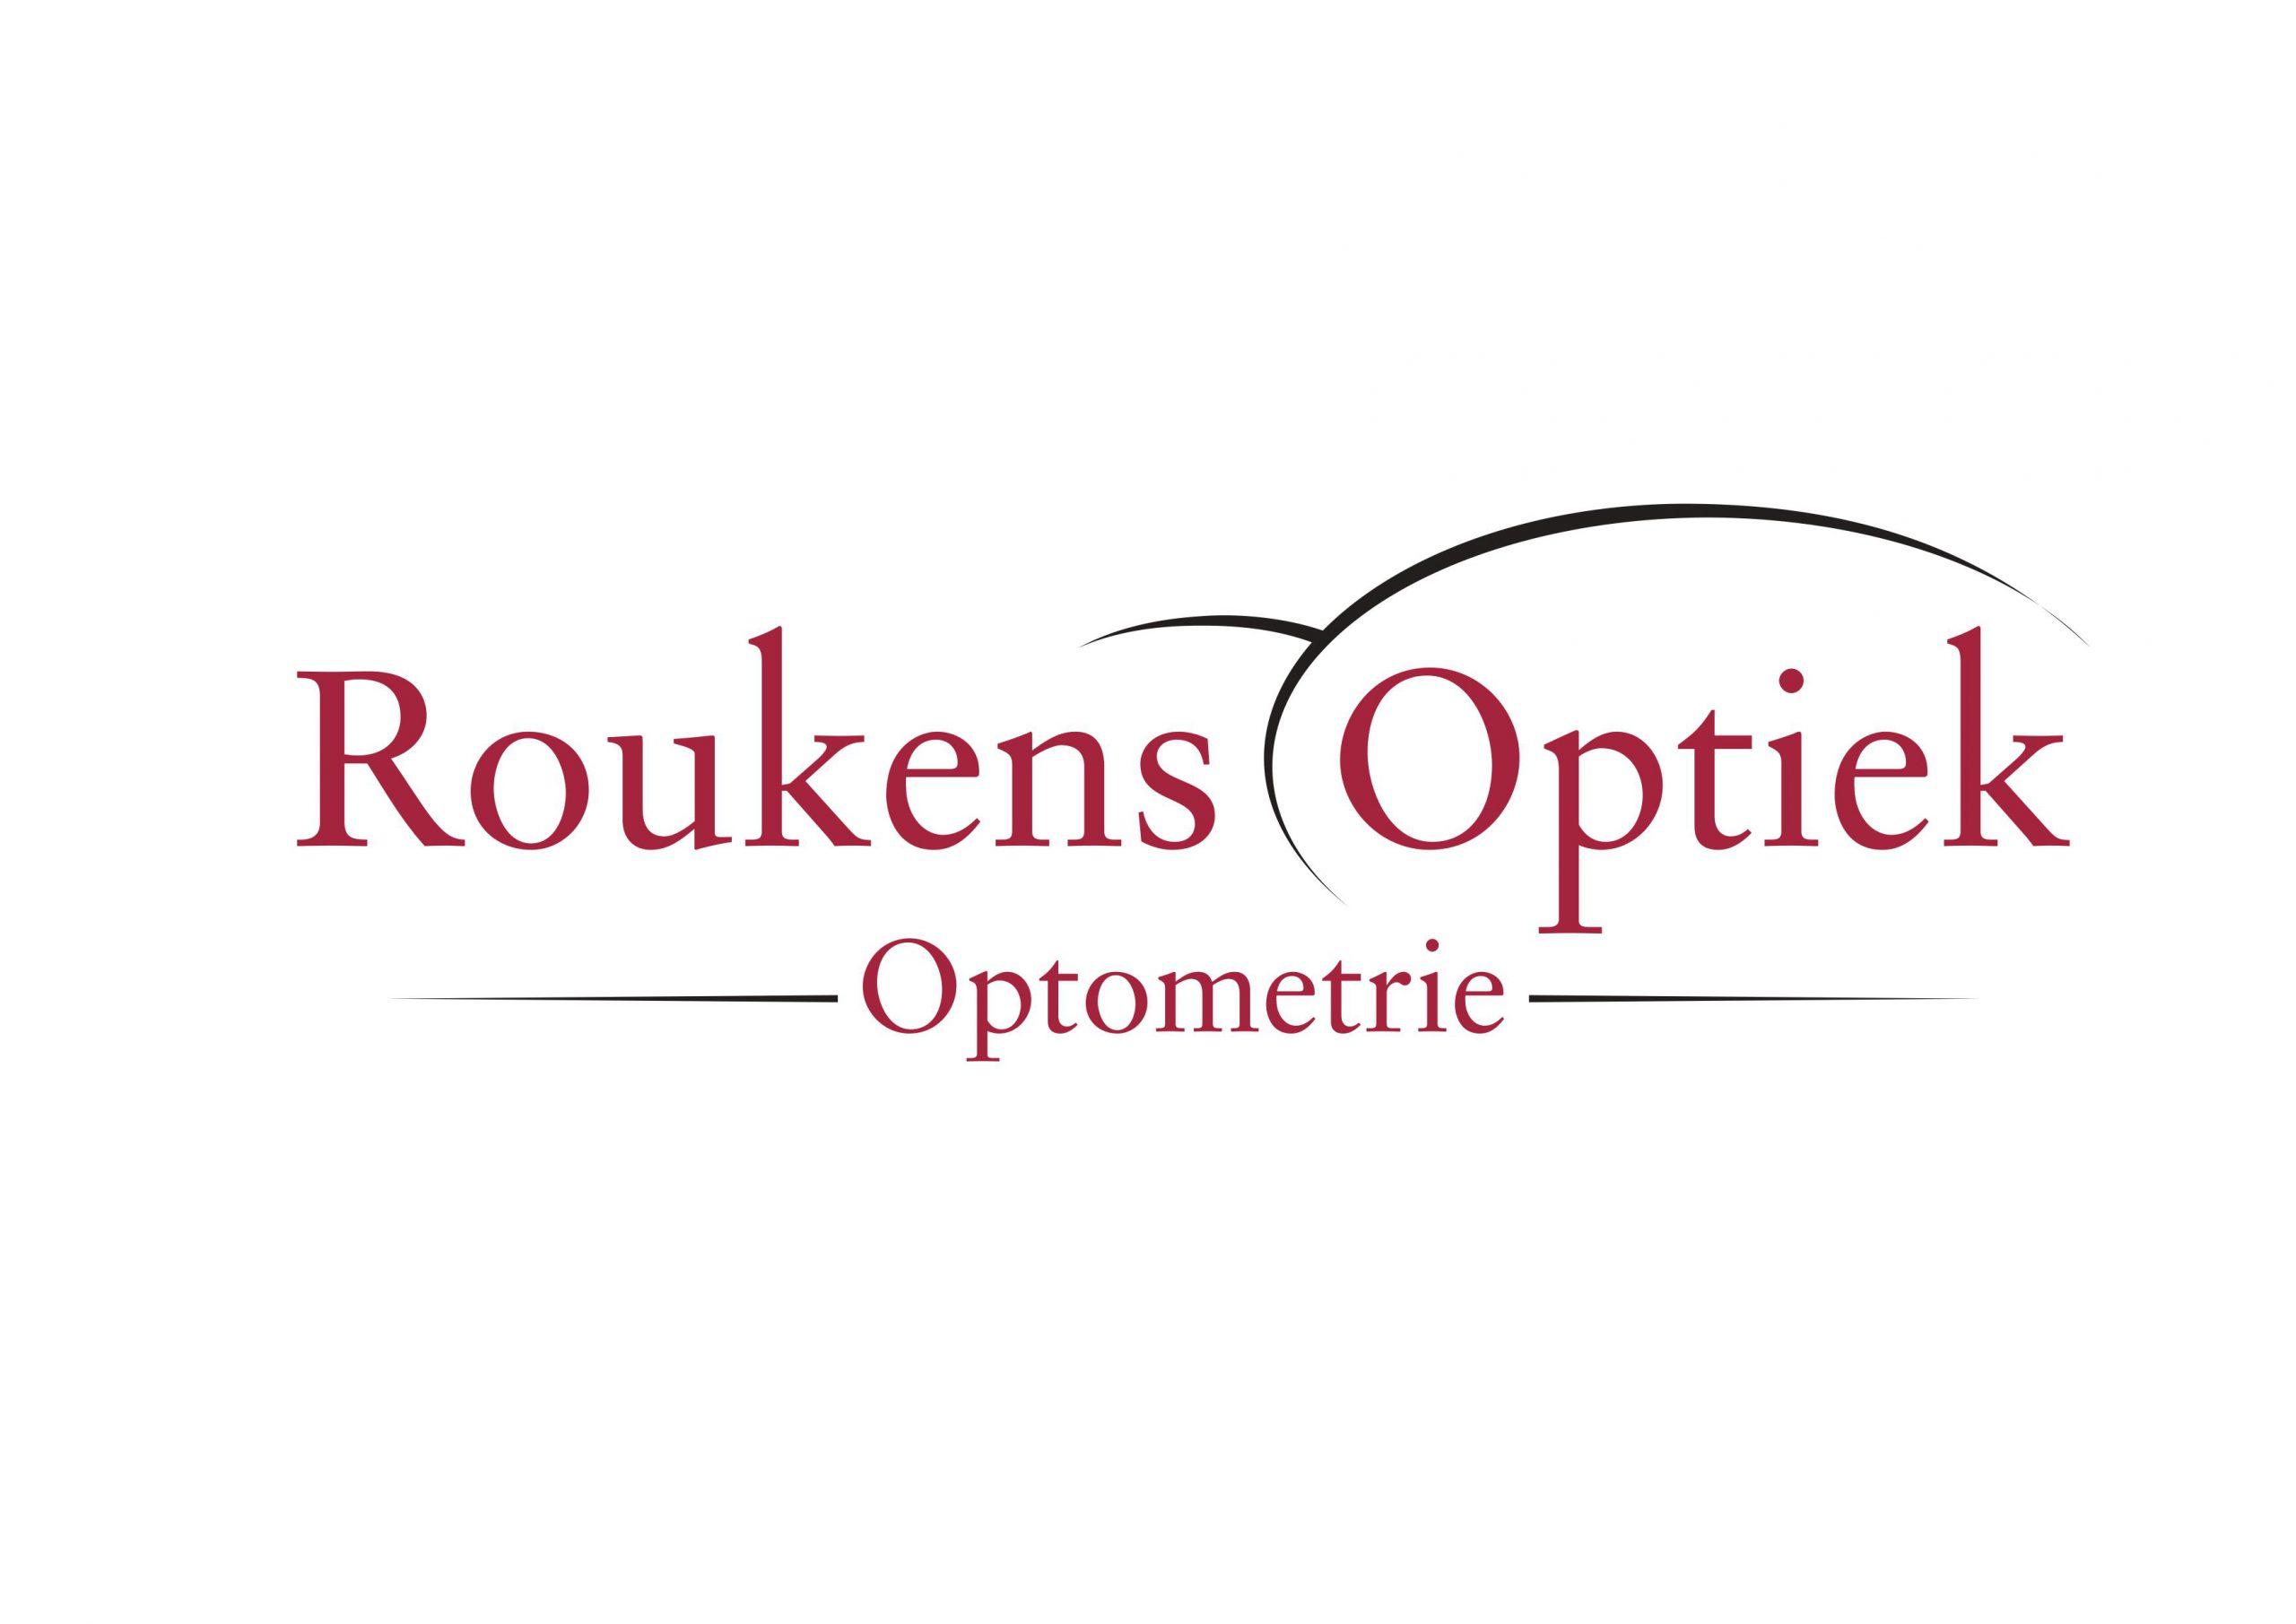 Roukens Optiek